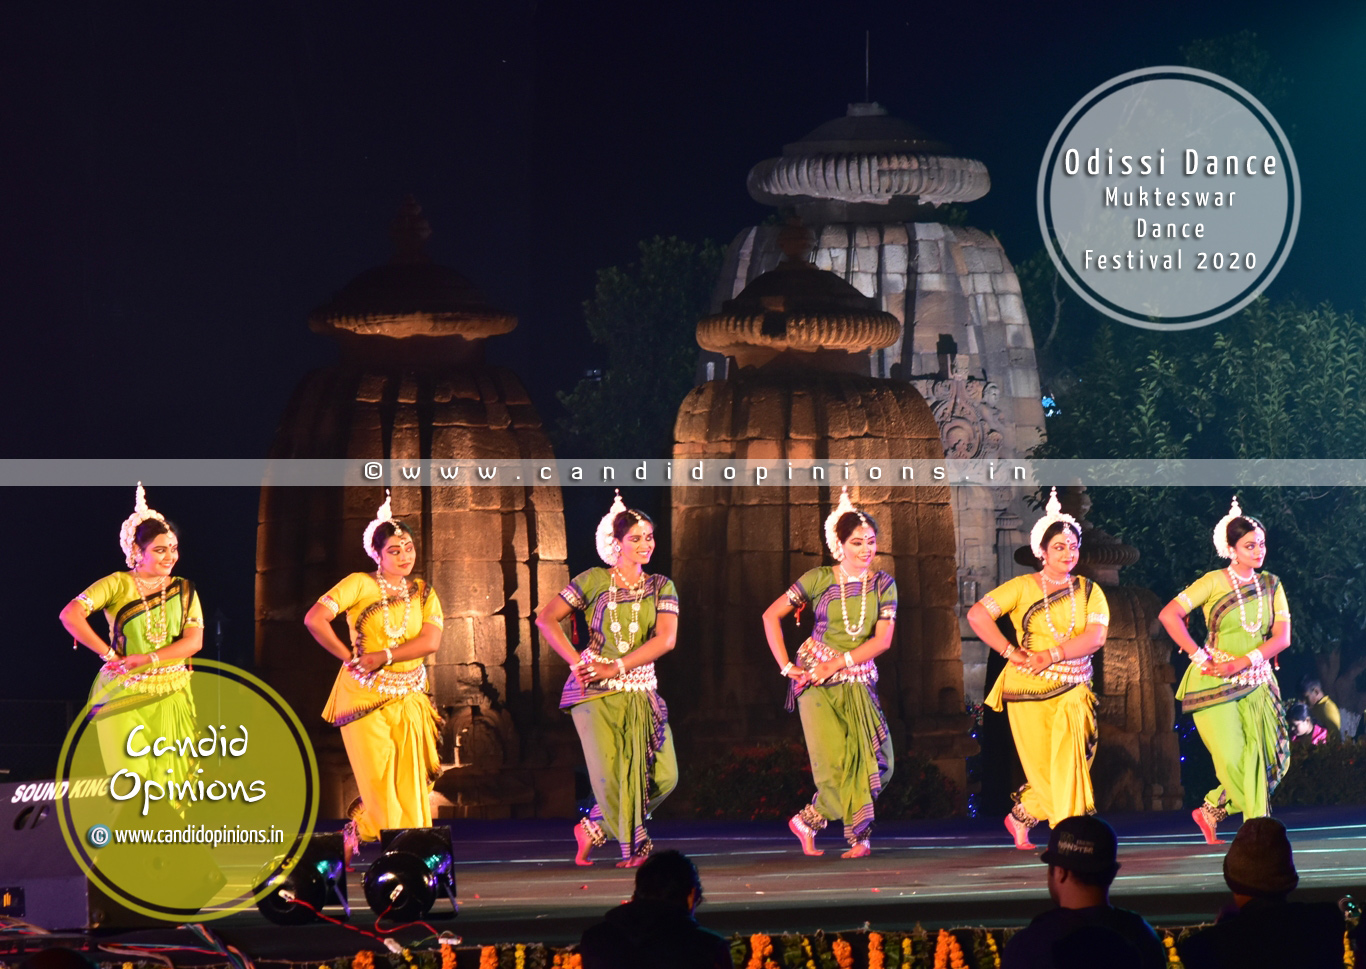 Odissi Dance at Mukteswar Dance Festival 2020, Bhubaneswar